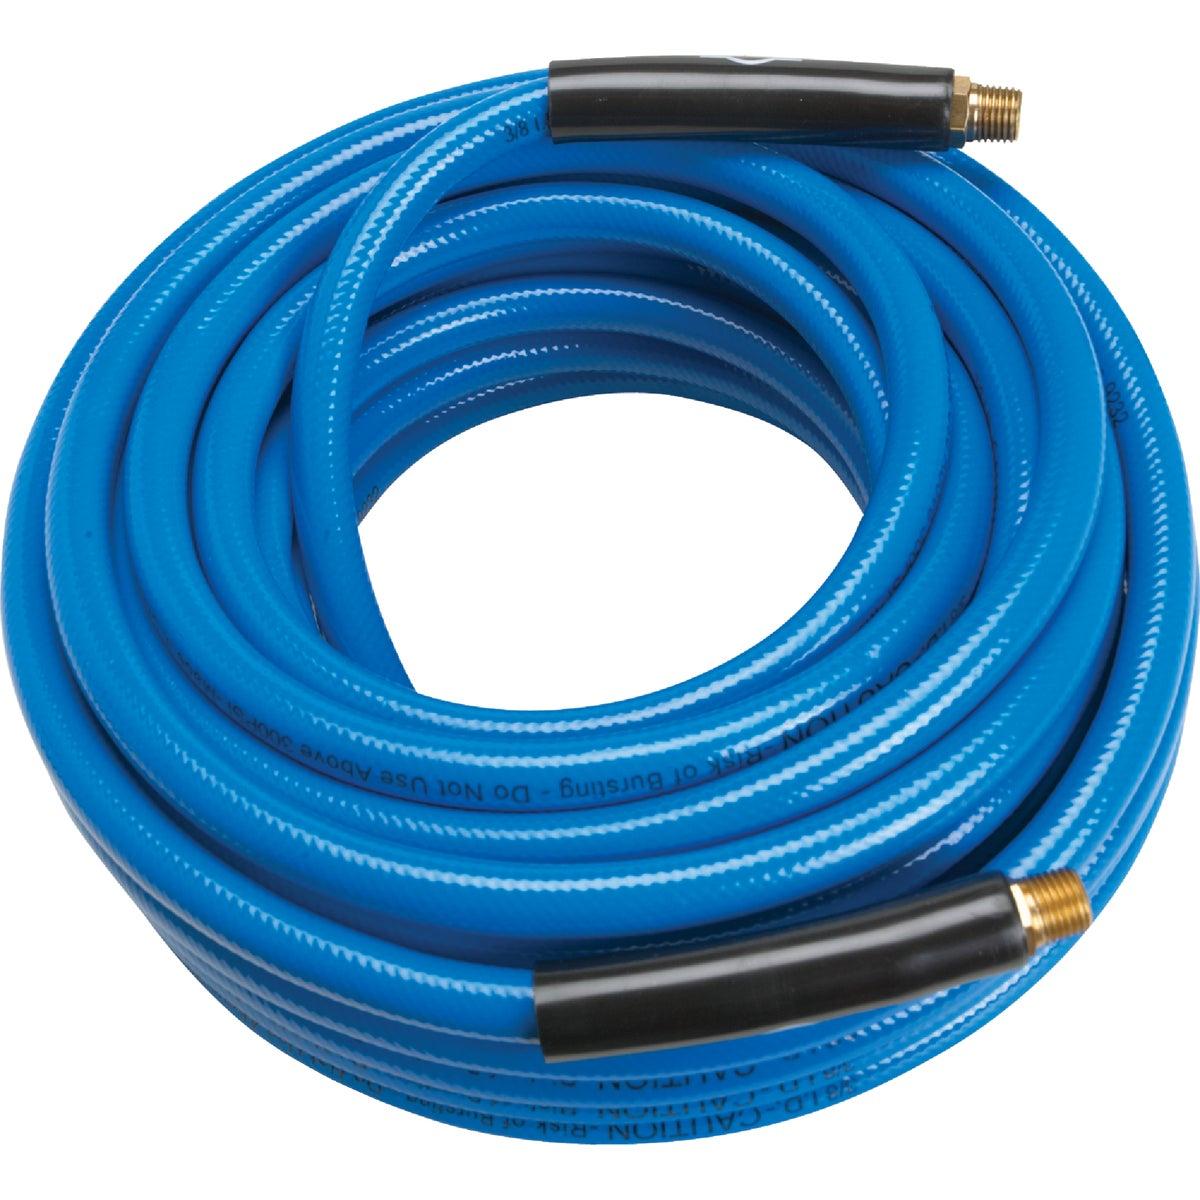 Amflo Premium PVC Air Hose